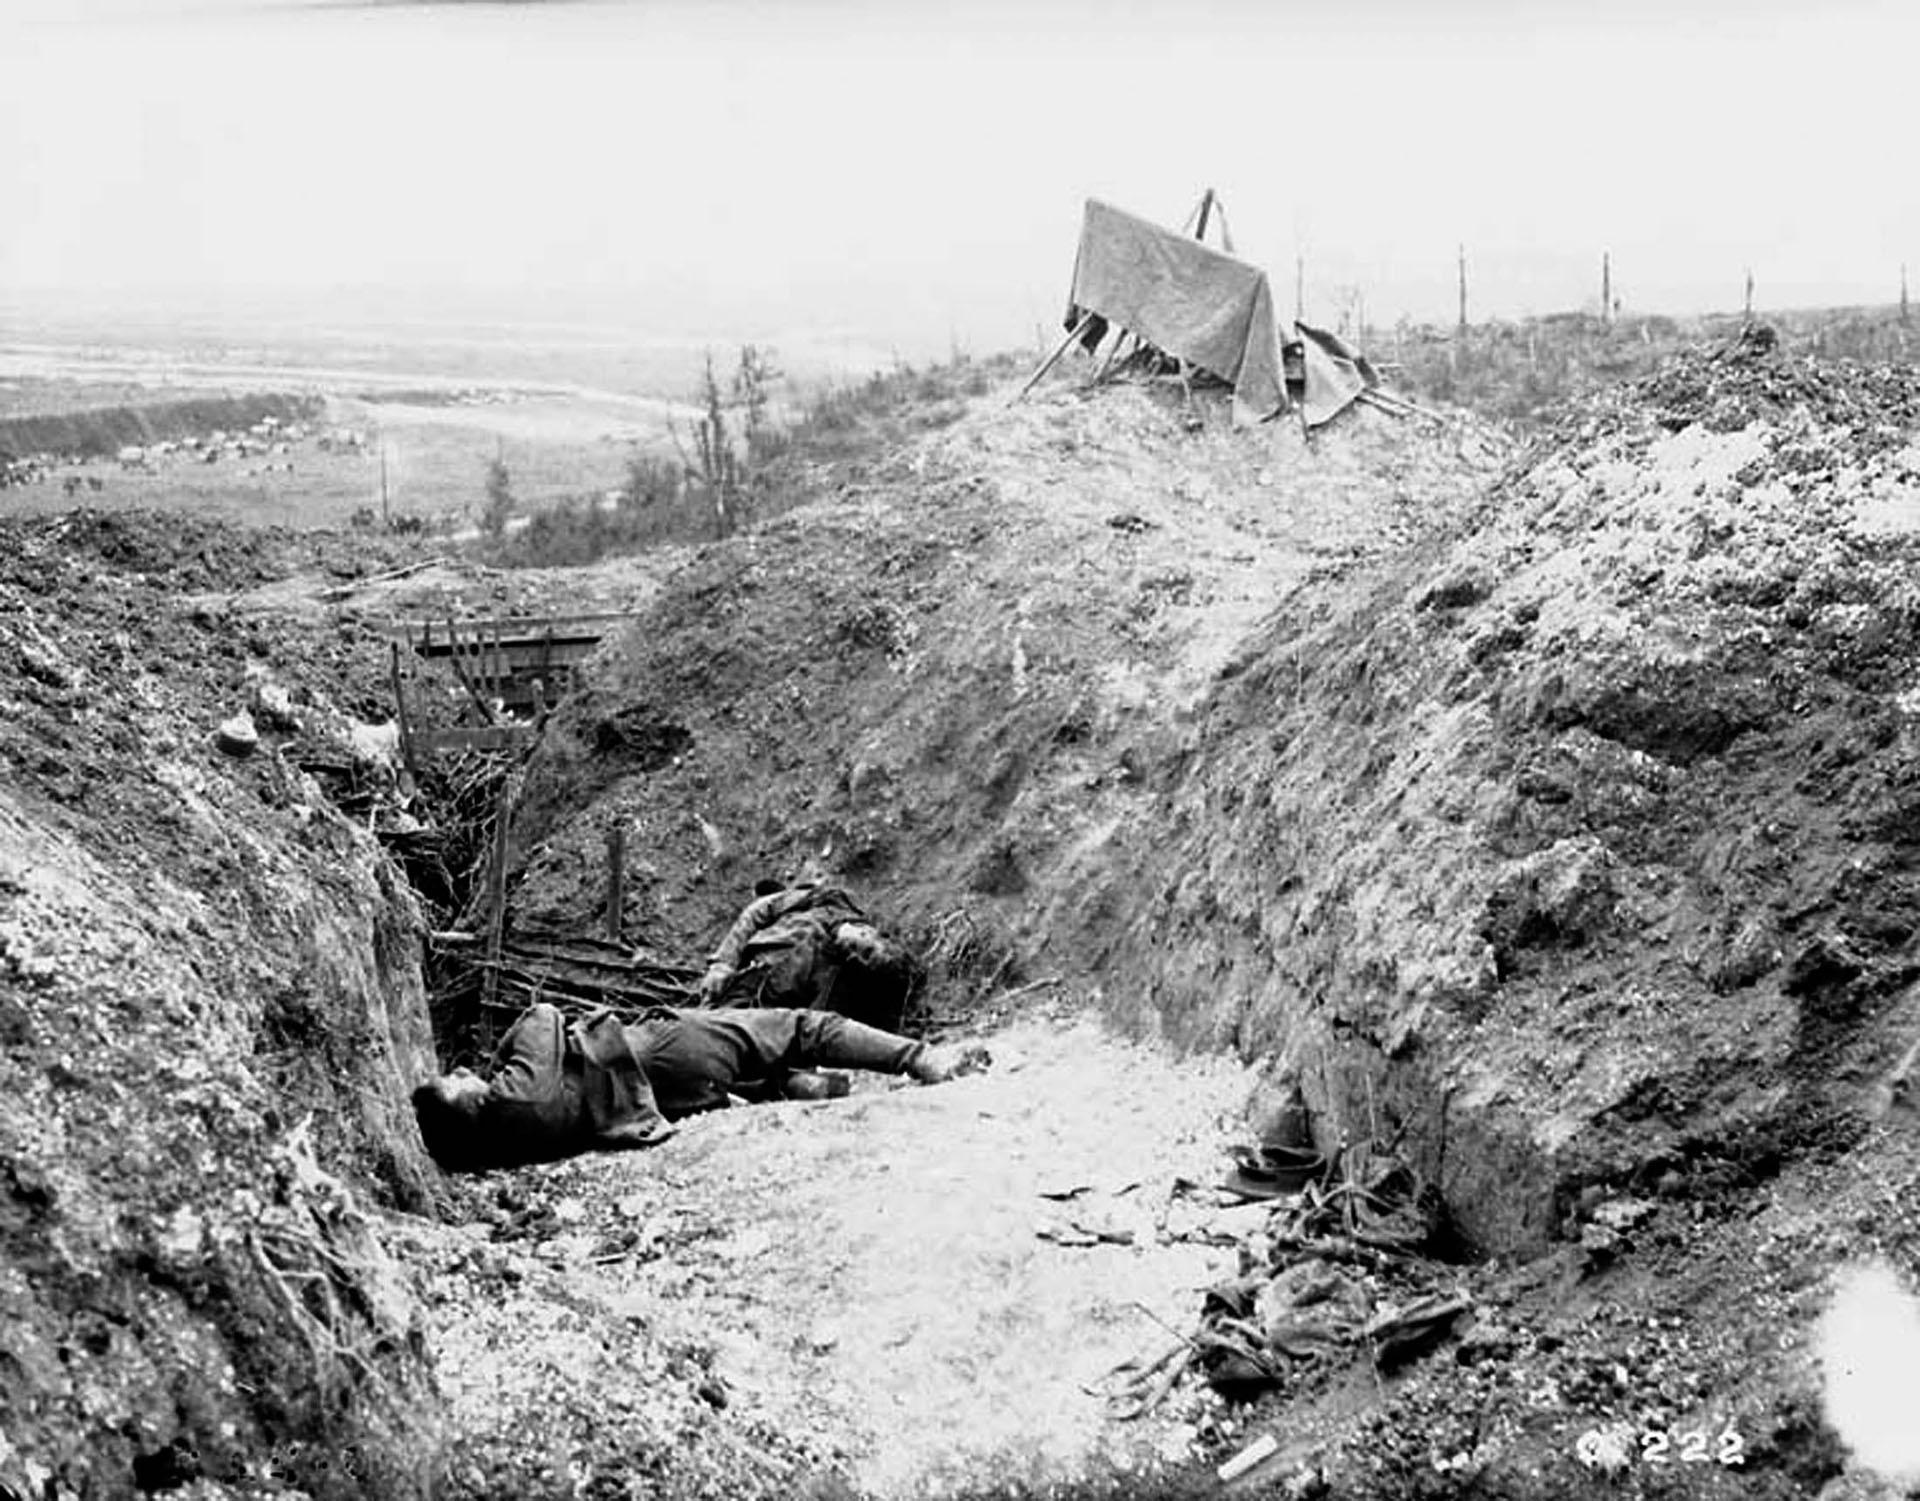 Pese a los estragos causados por los bombardeos en las filas enemigas, los alemanes aguantaron en sus posiciones y causaron una masacre entre la infantería británica cuando el 1.º de julio el mando aliado dio la orden de tomar las trincheras enemigas (Reuters)